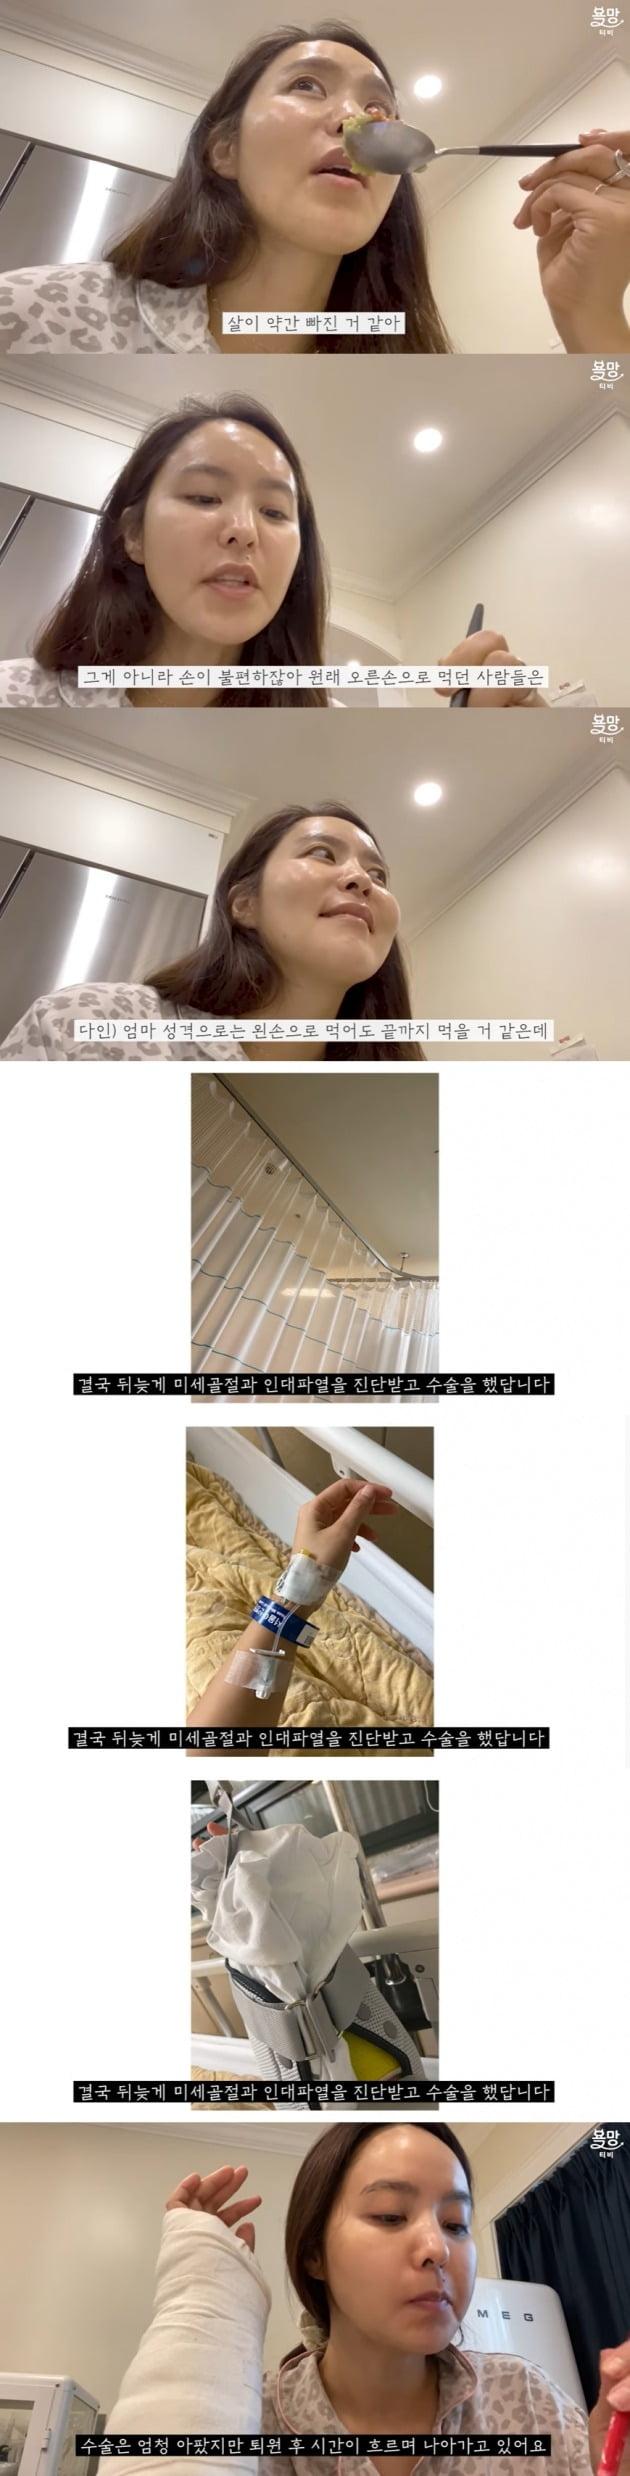 방송인 박지윤이 교통사고 후 회복 중인 근황을 전했다. / 사진=박지윤 유튜브 채널 캡처